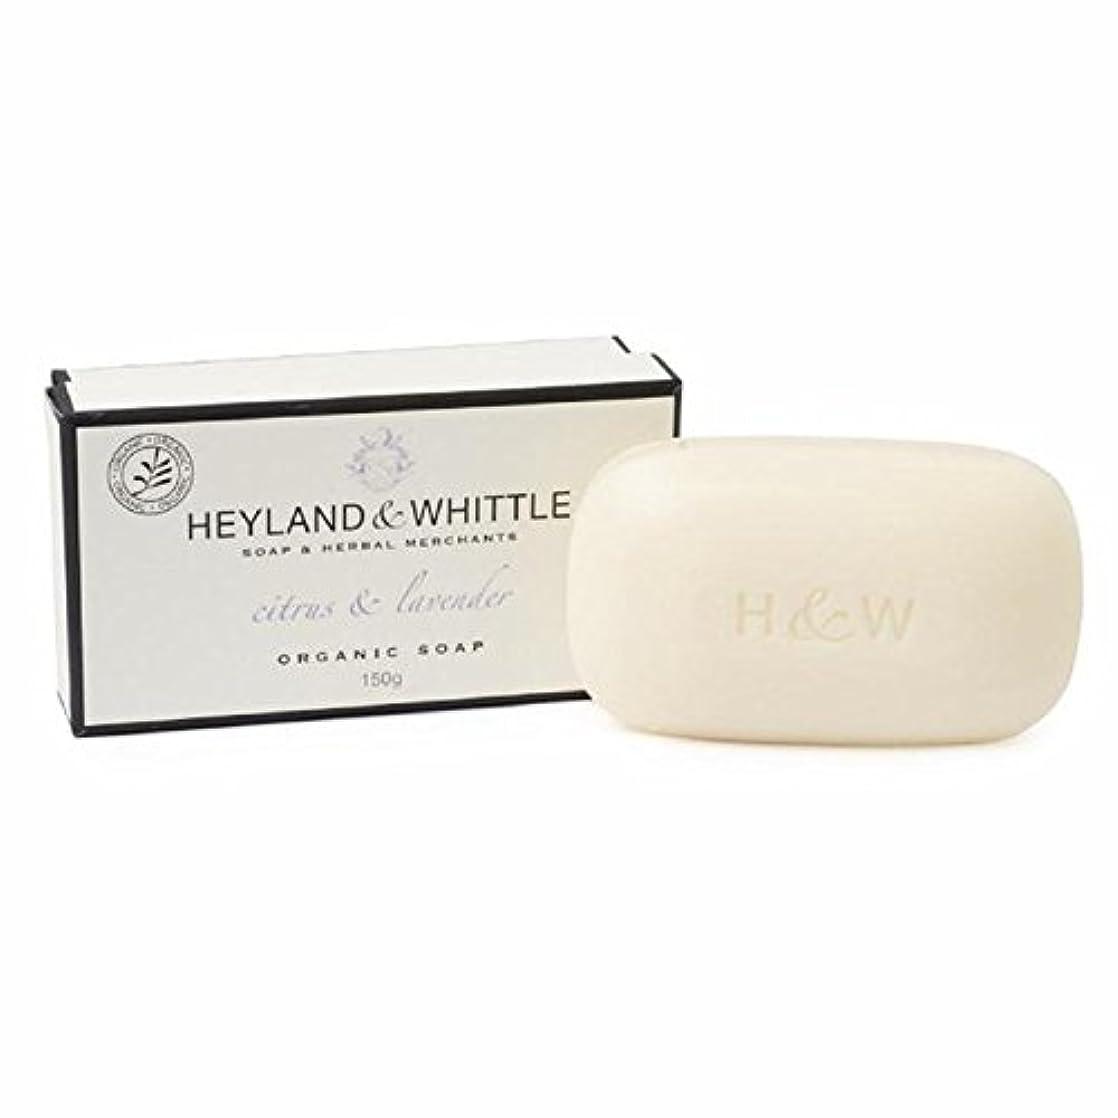 永遠のスロープより多いHeyland & Whittle Citrus & Lavender Boxed Organic Soap 150g - &削るシトラス&ラベンダーは、有機石鹸150グラム箱入り [並行輸入品]